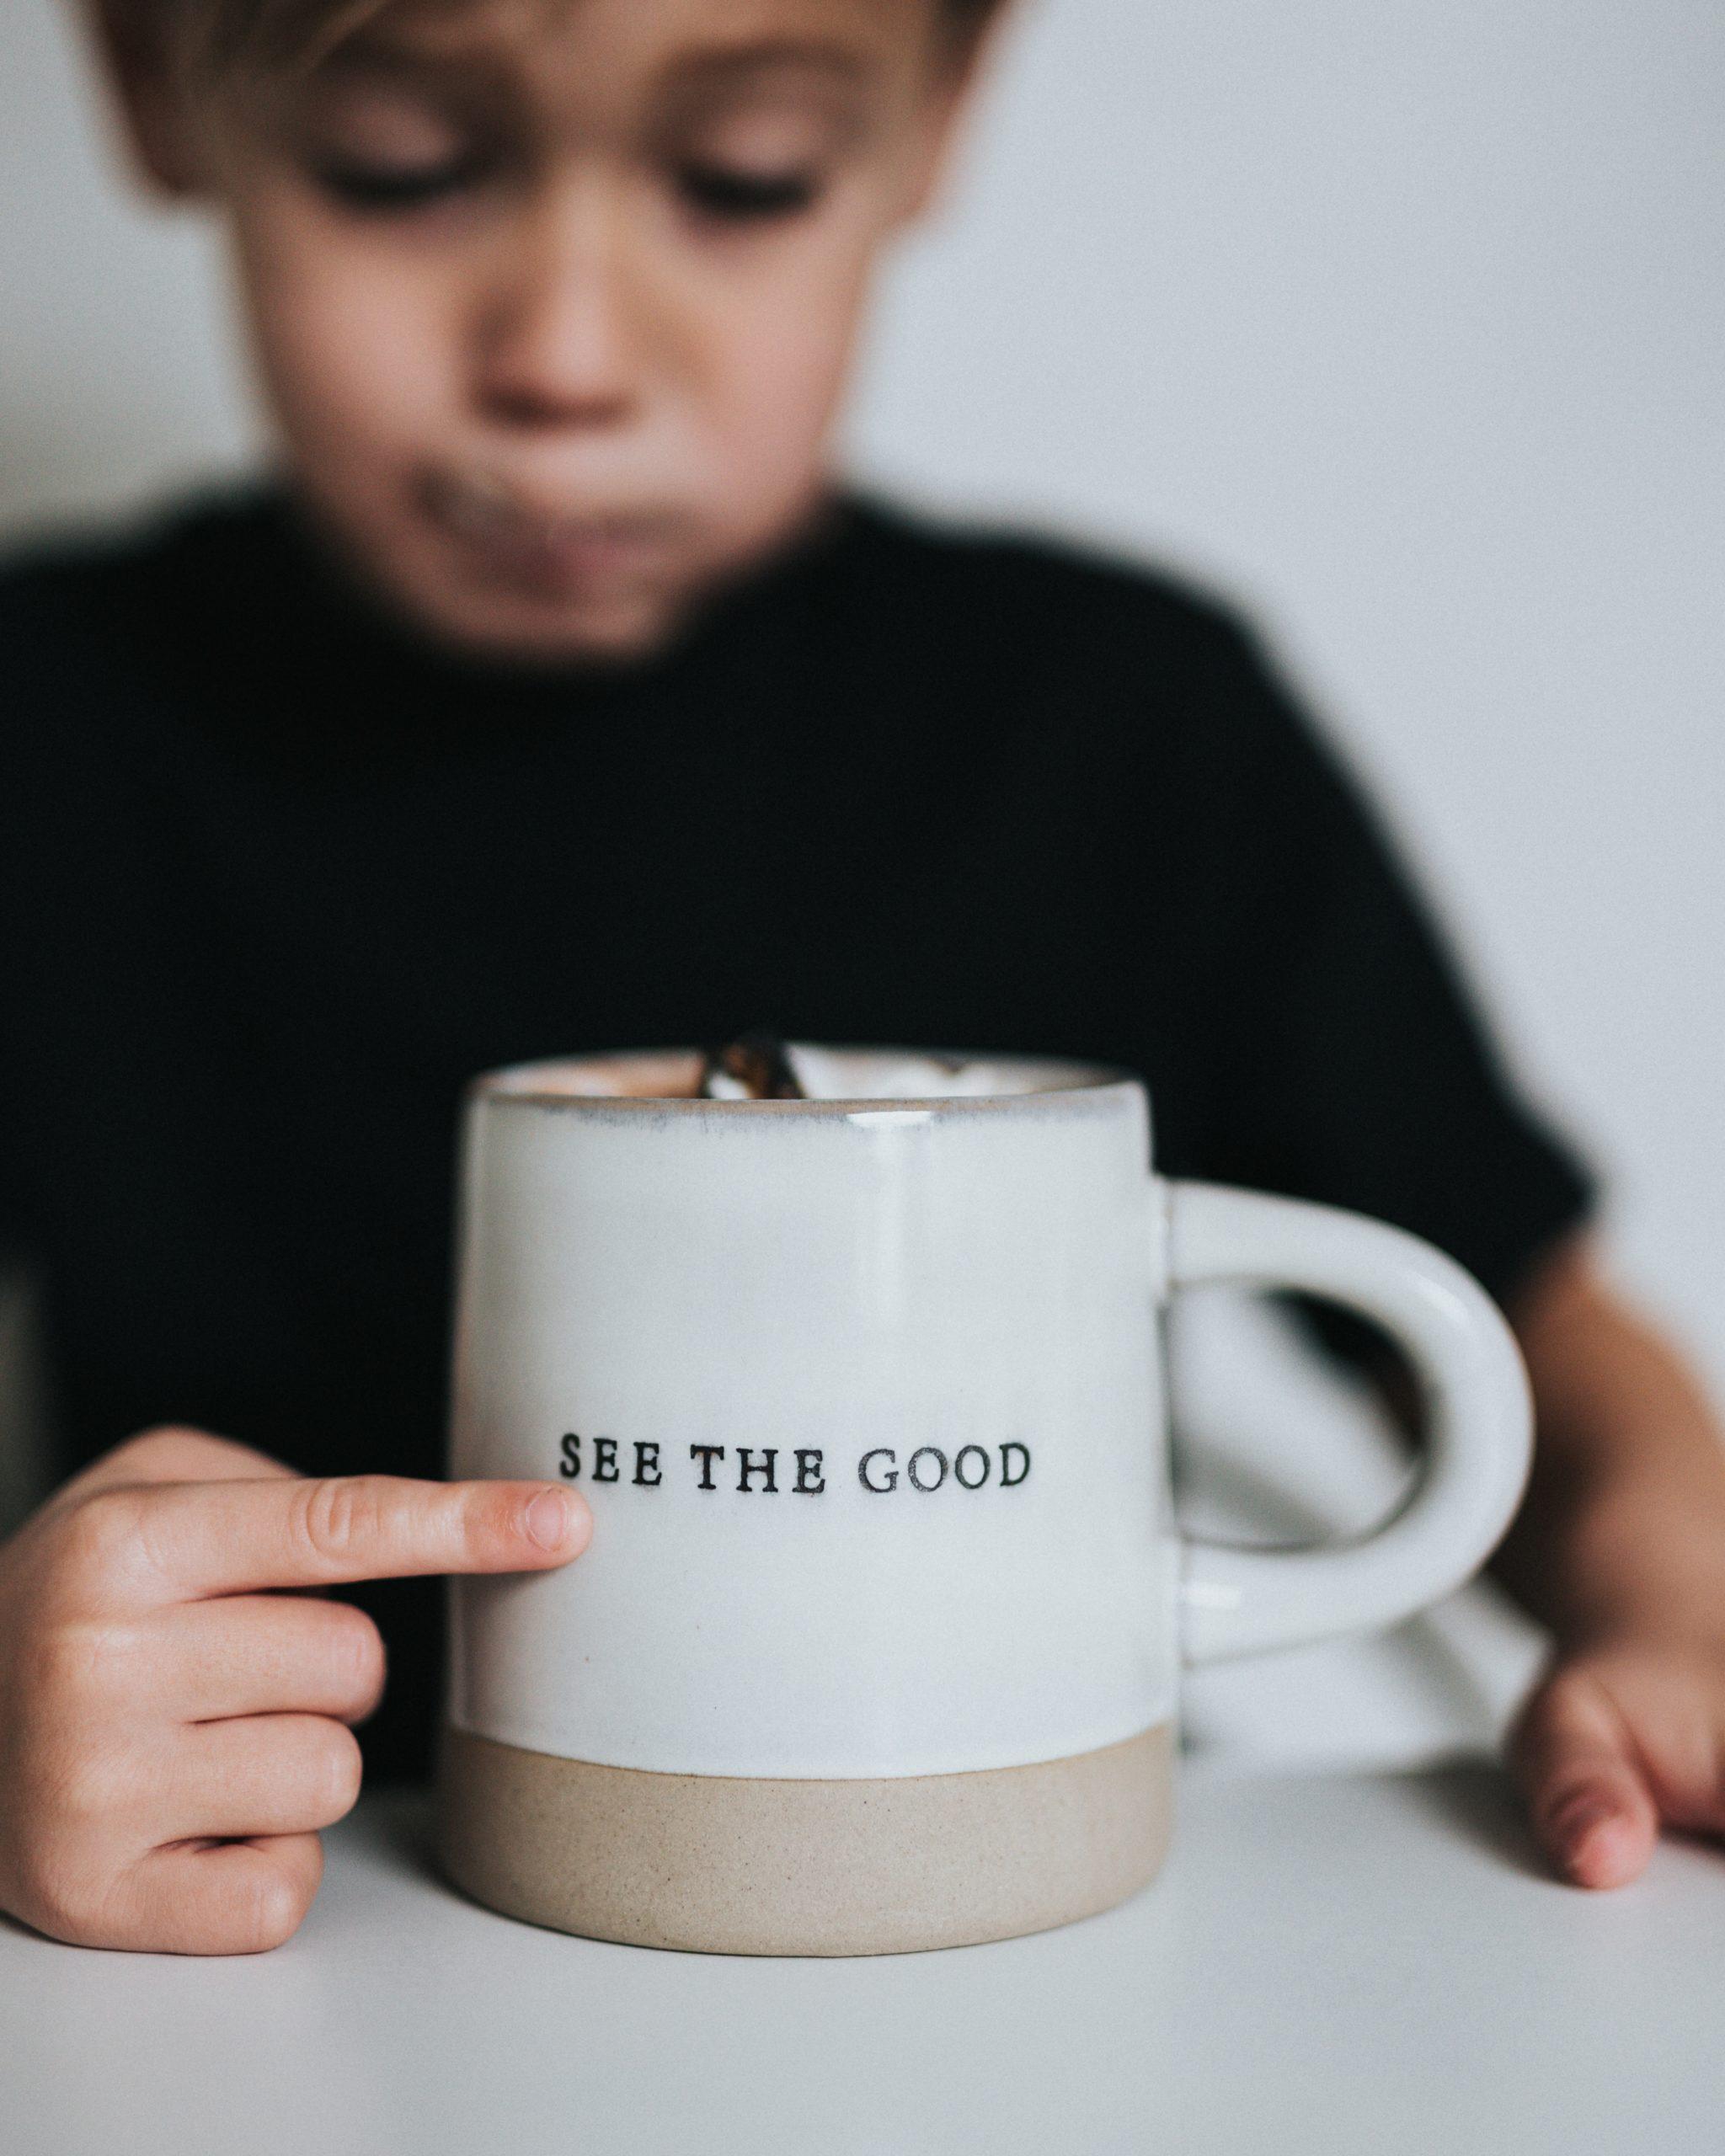 tasse see the good et enfant